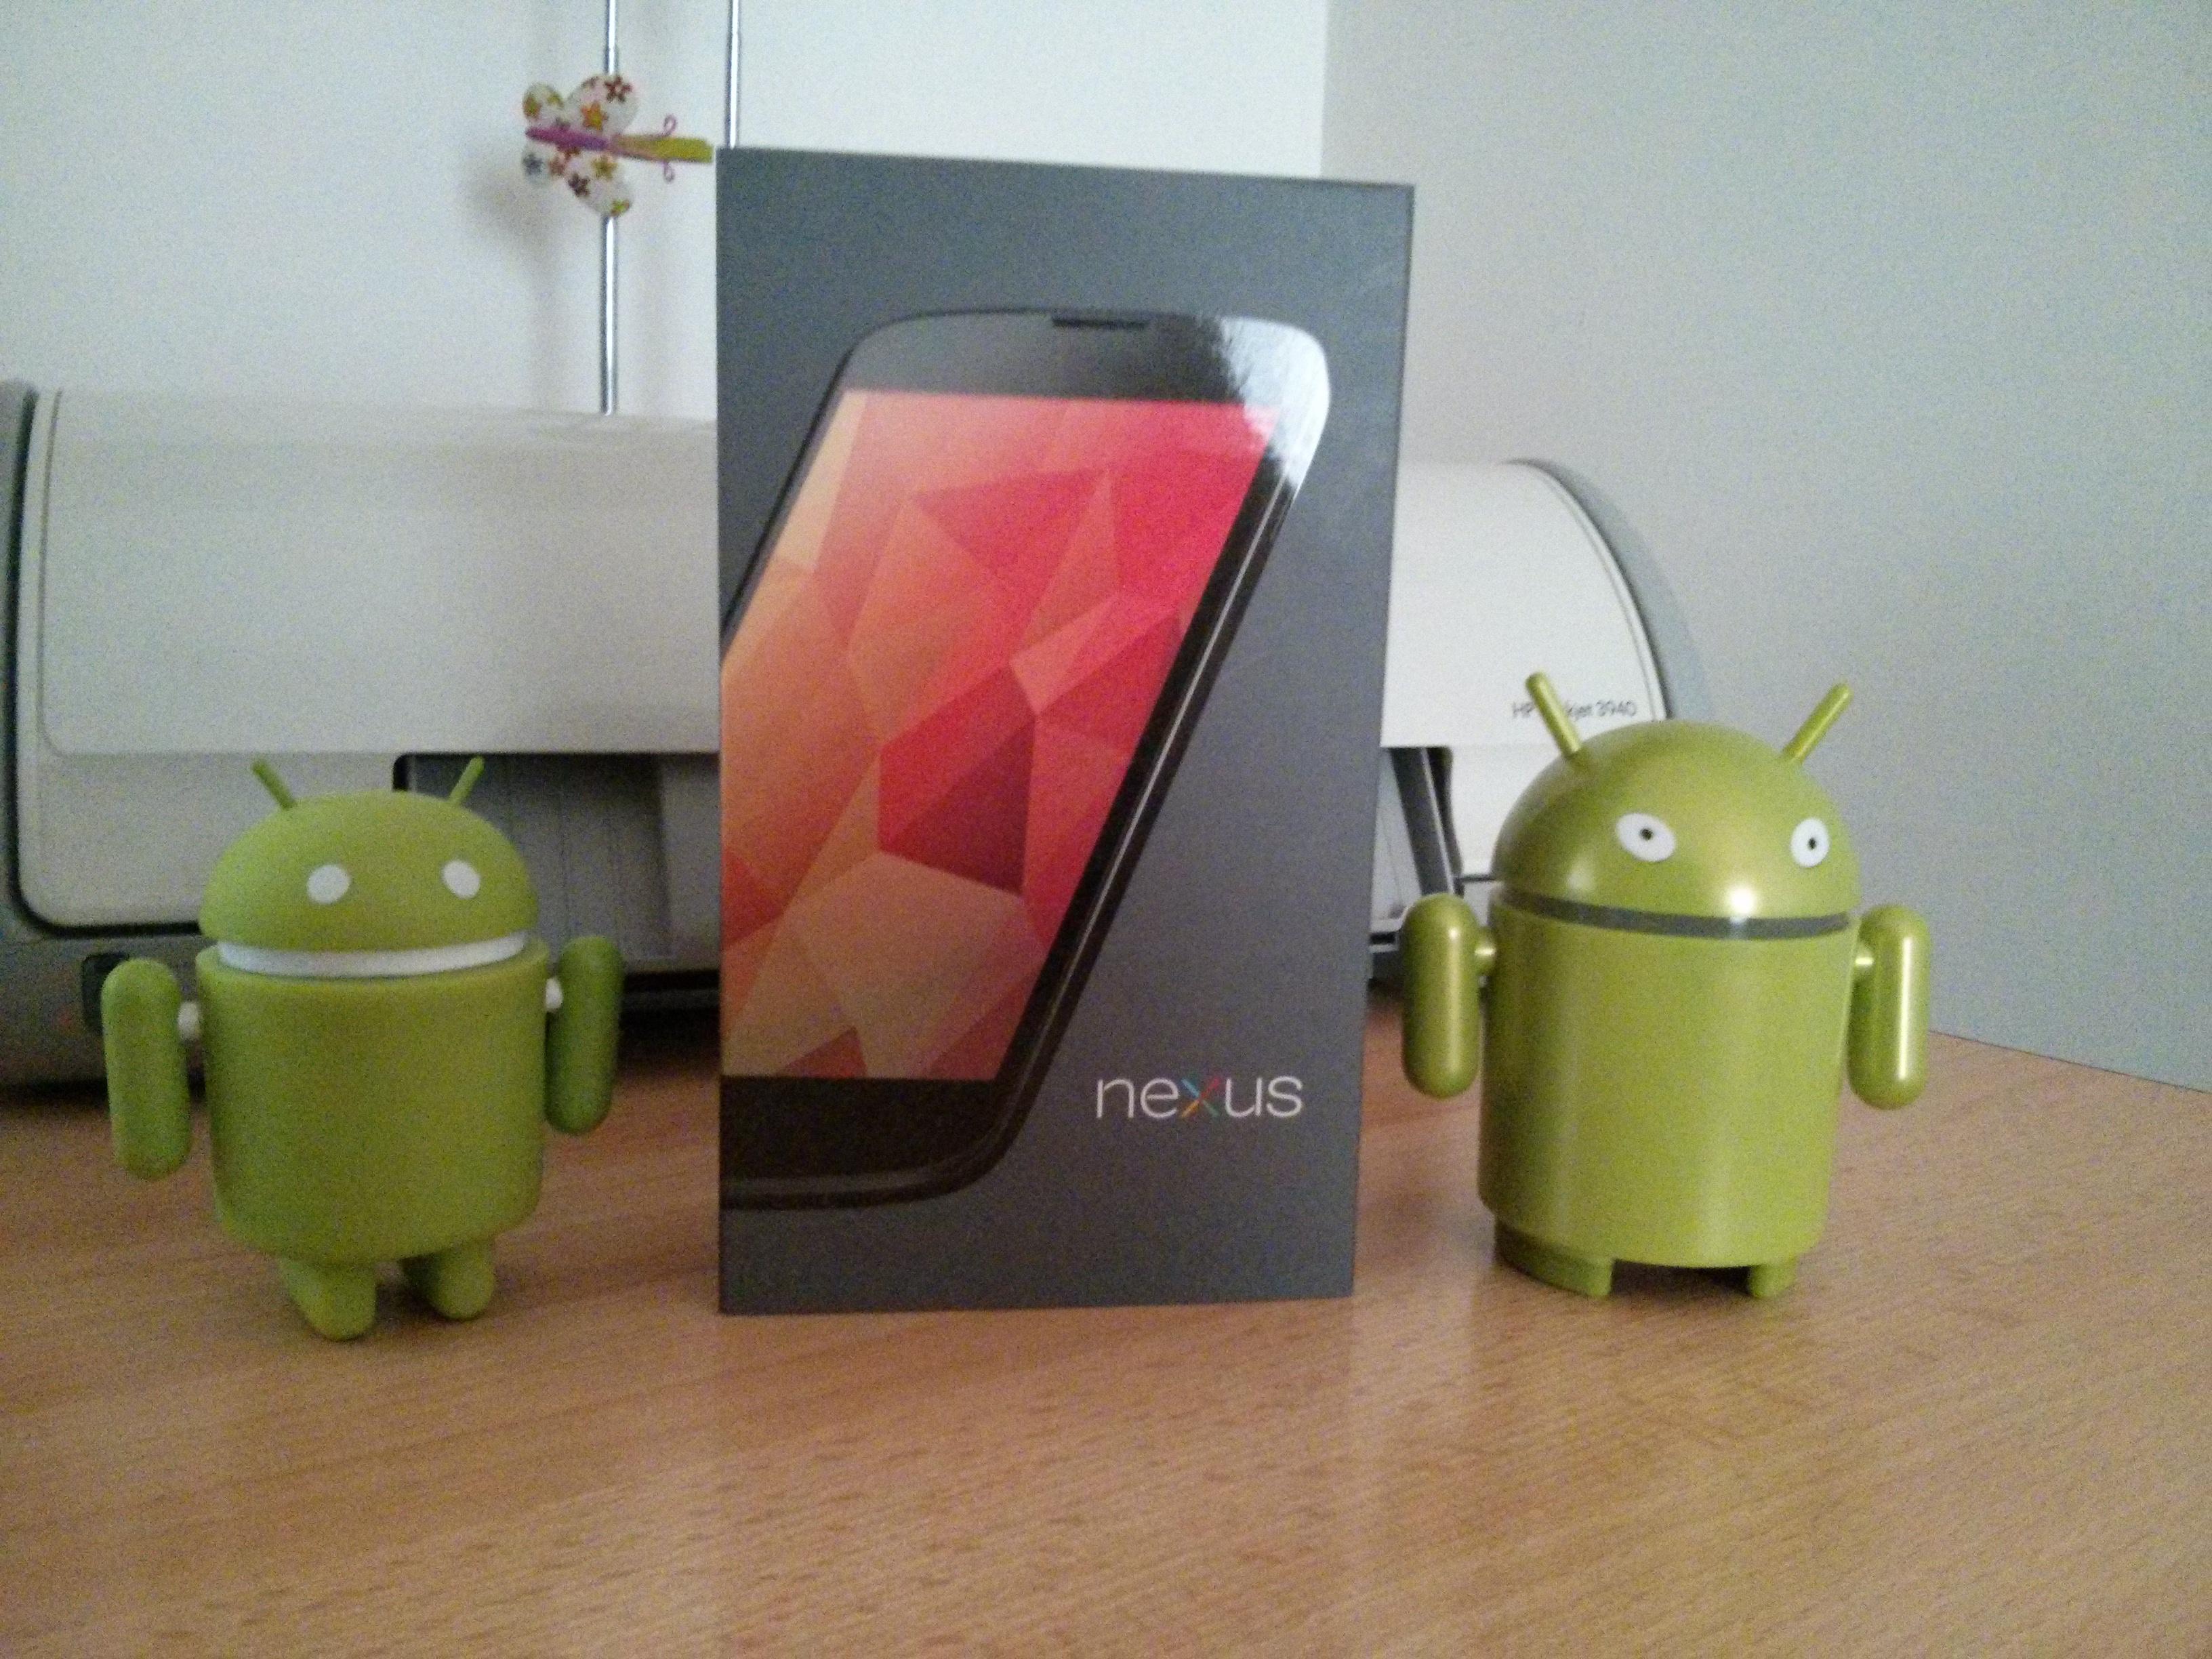 Nexus 4 recensione chimerarevo